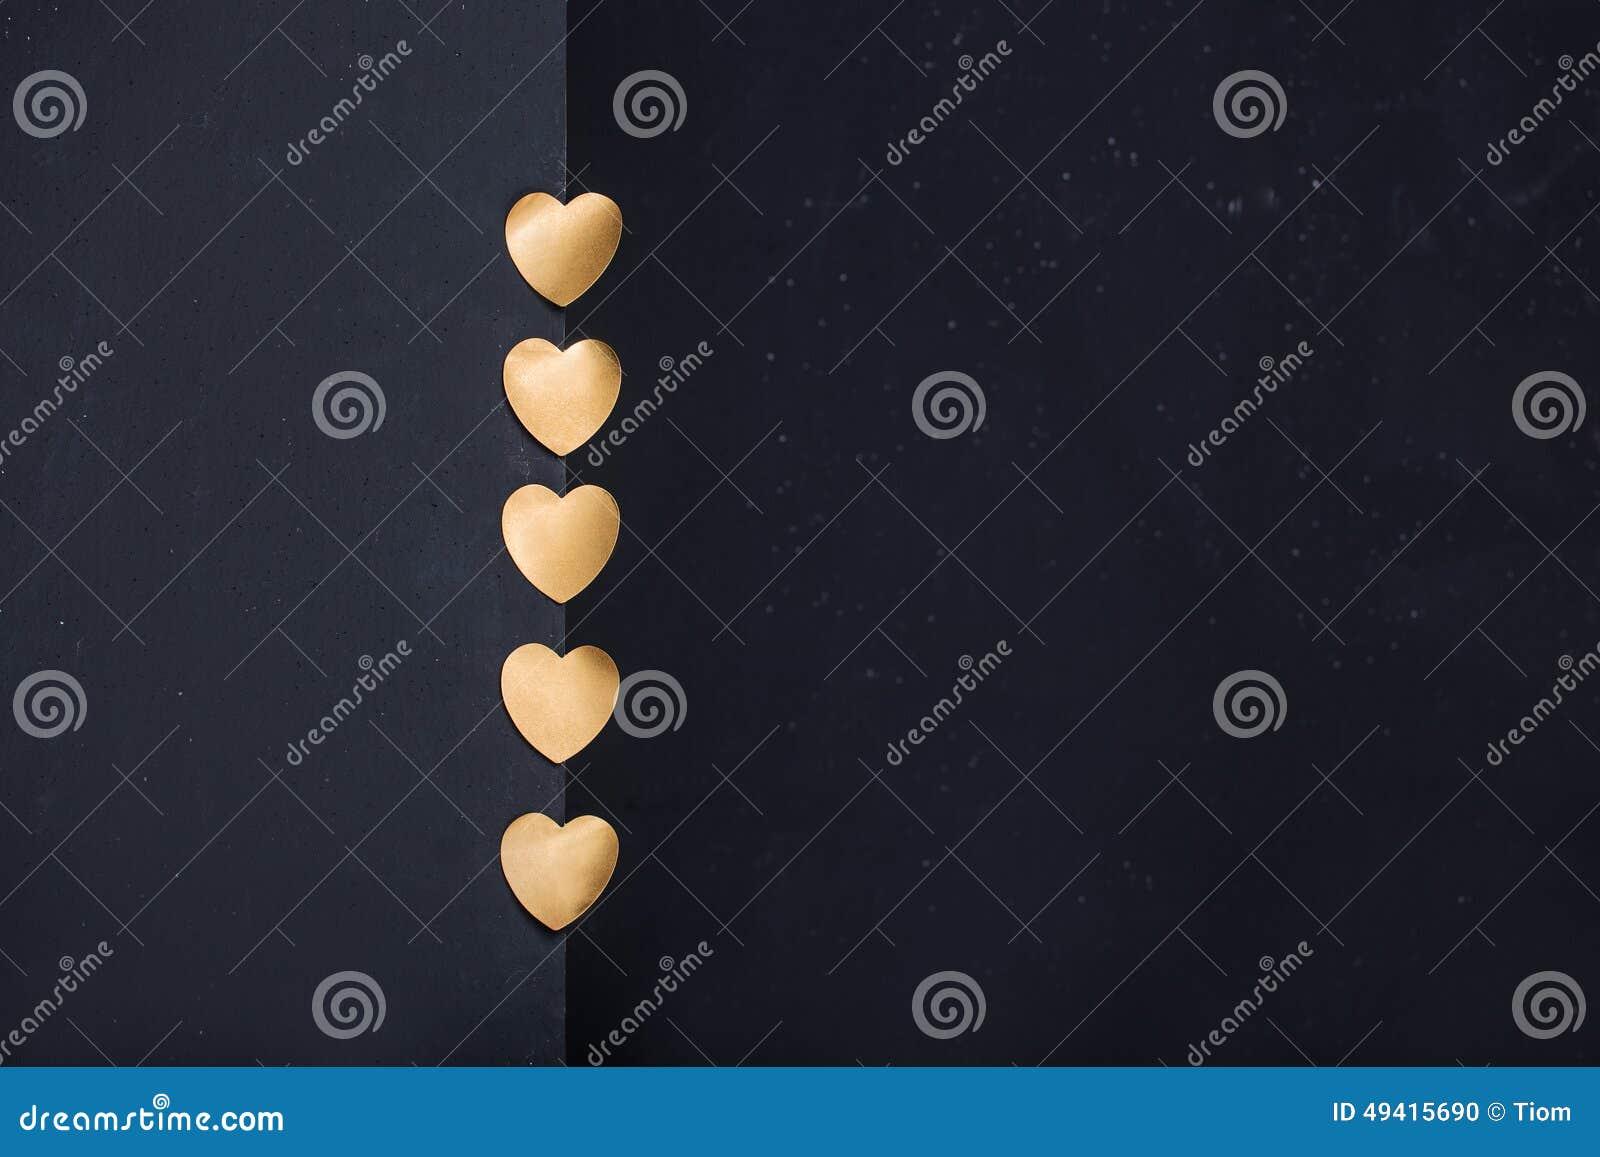 Download Goldherzen Auf Dunklem Hintergrund Stock Abbildung - Illustration von geschenk, feiertag: 49415690